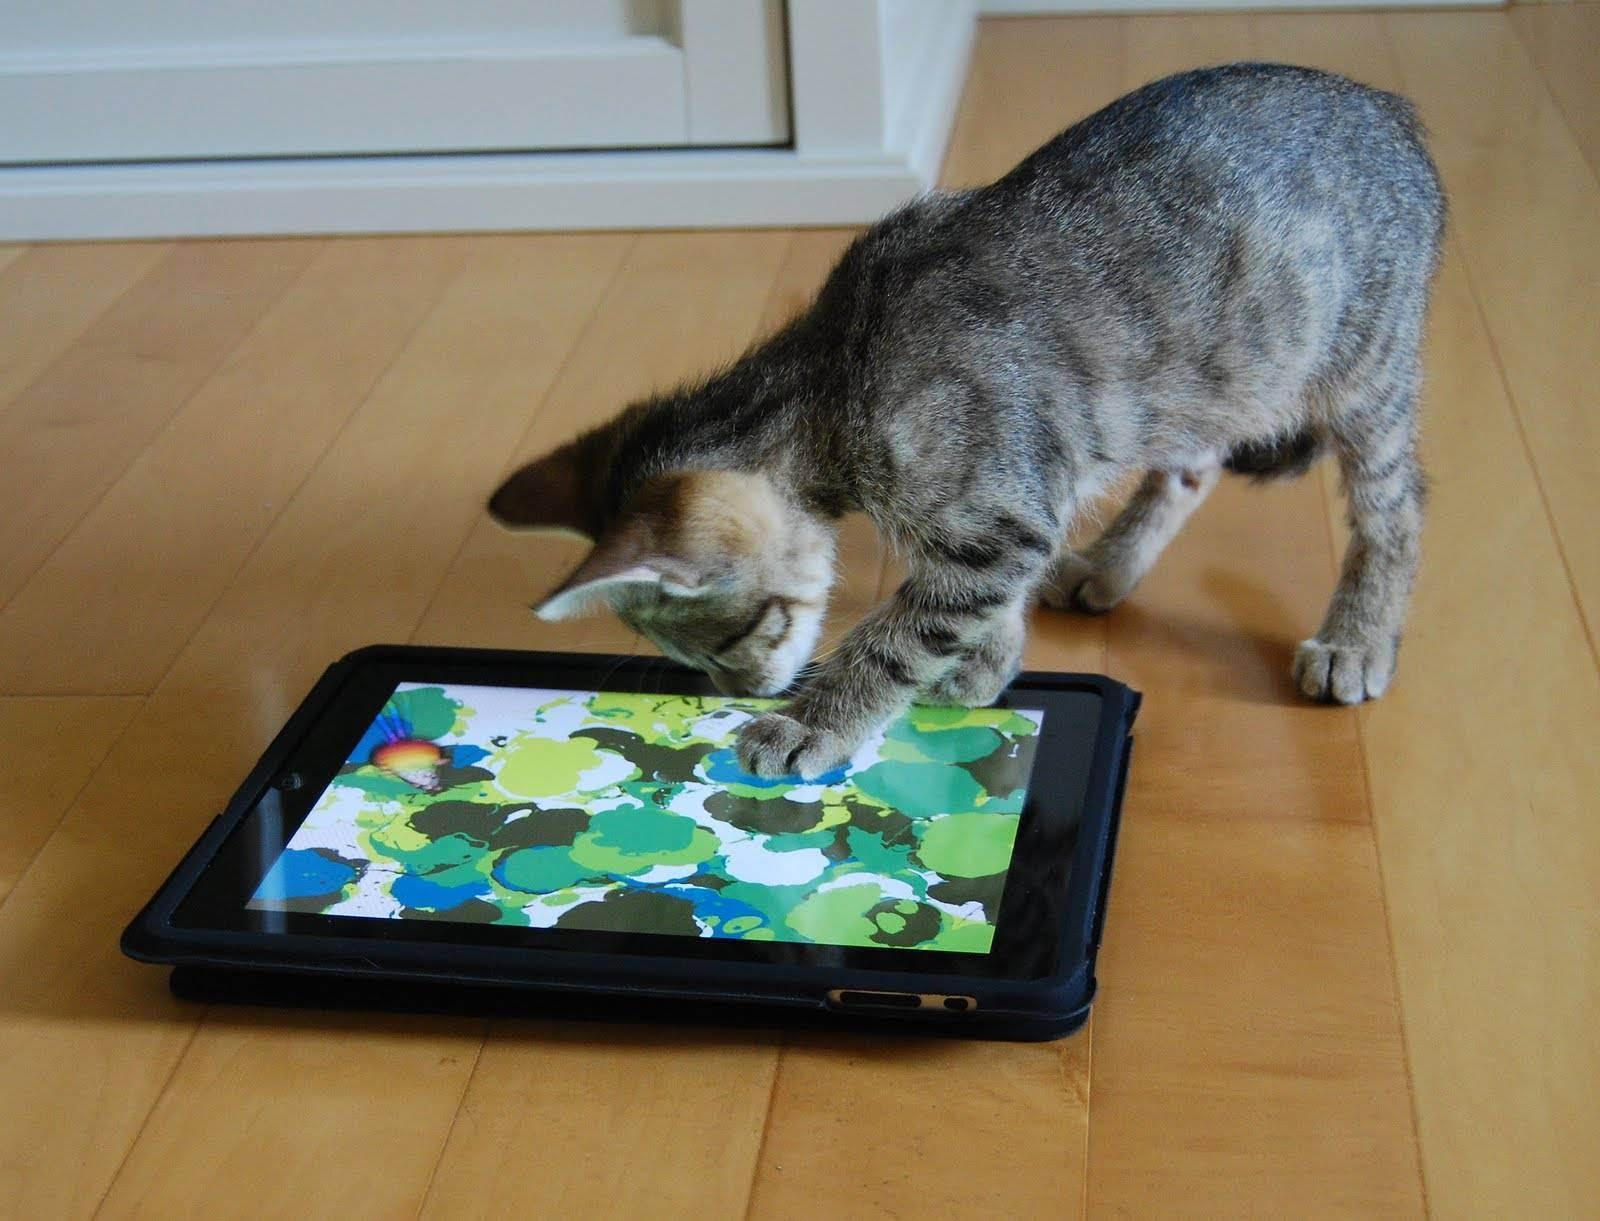 Игрушка для кошек на ipad. лучшие ipad-приложения для кошек